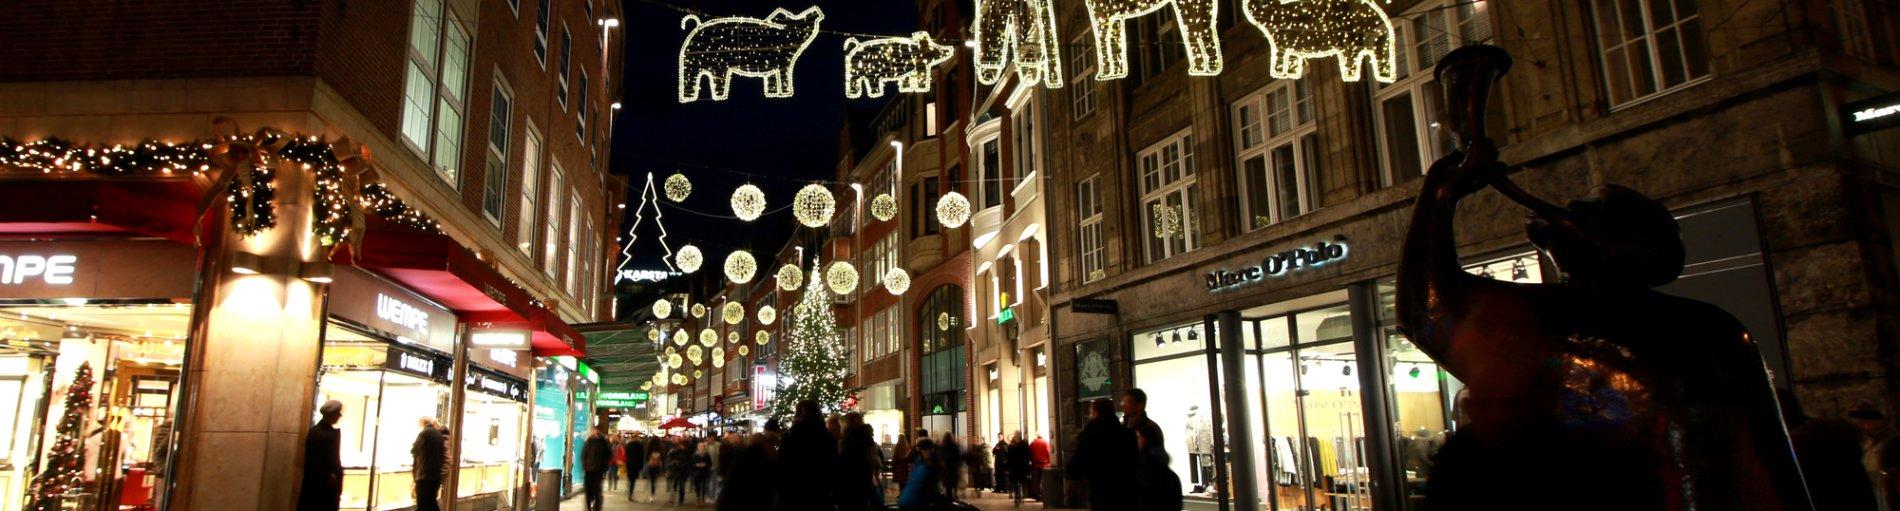 Die weihnachtlich beleuchtete Sögestraße.